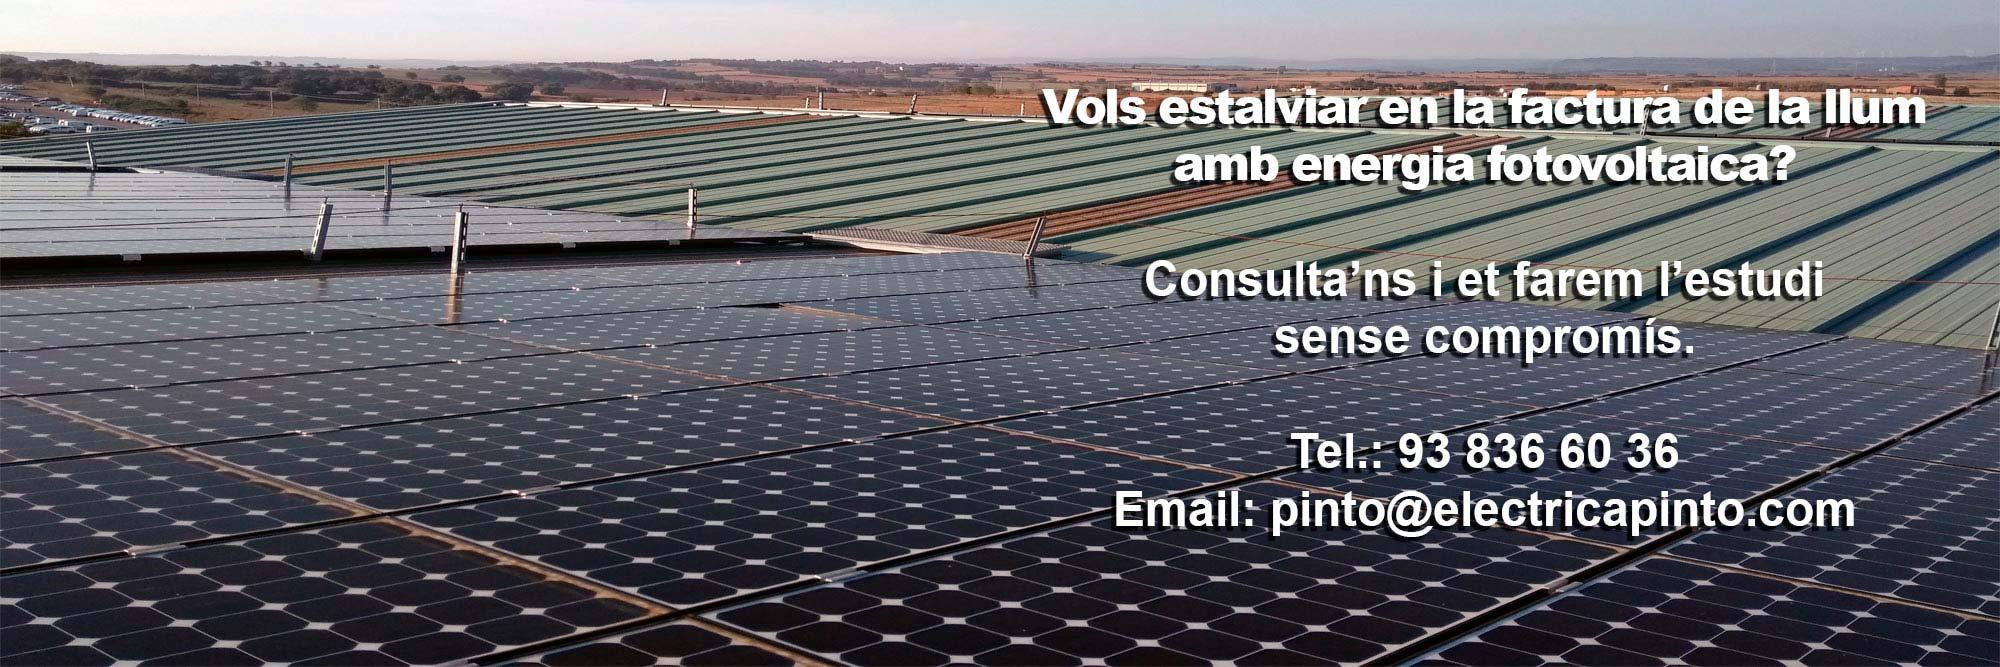 Autoconsum Fotovoltaic per Indústria